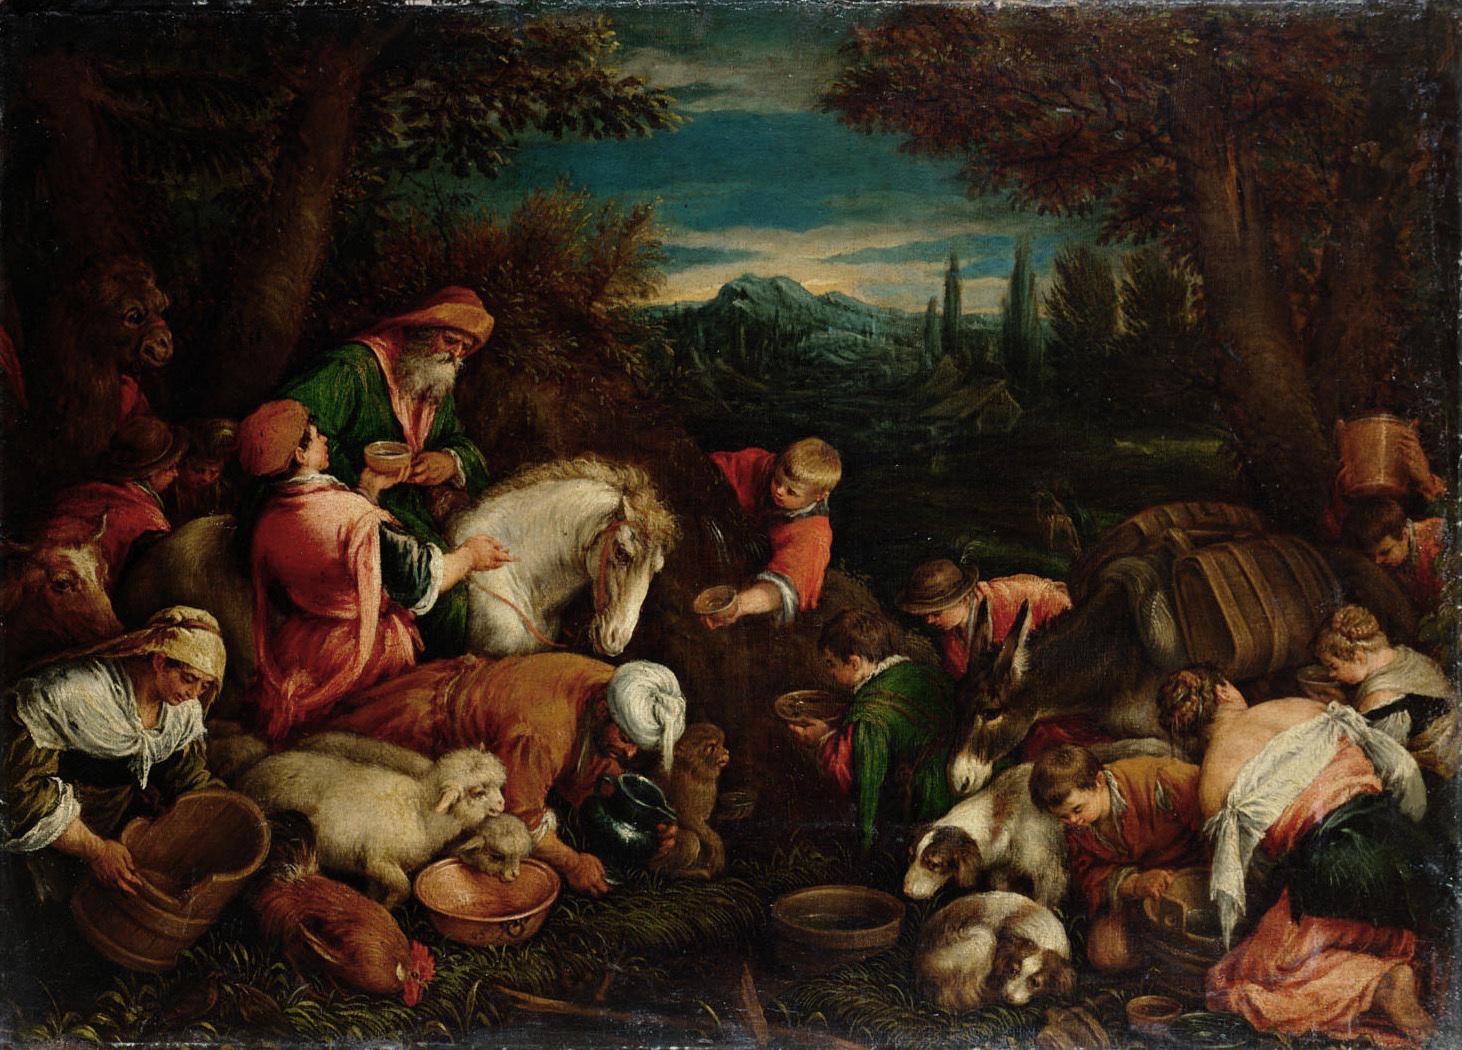 Wunder aus der Quelle von Mara von Francesco da Ponte, gen. Francesco Bassano